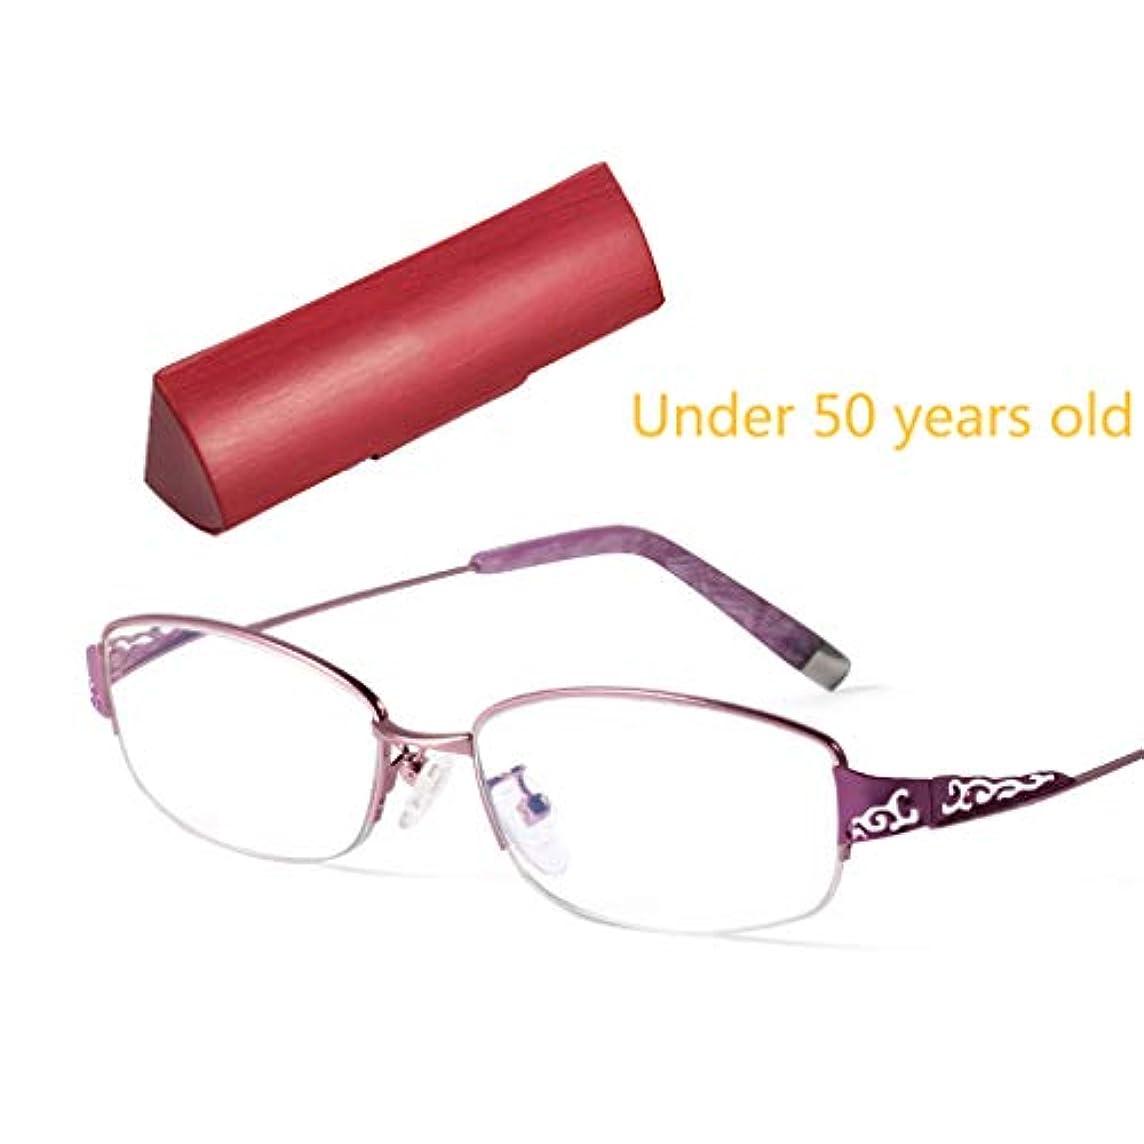 ポテトギャザー喜んでHDメラニンレンズリーダー、アンチブルー老眼鏡。軽量チタンフレーム、13 gまでの軽量、合金ヒンジ。 (美しい吊り首チェーンを贈る)